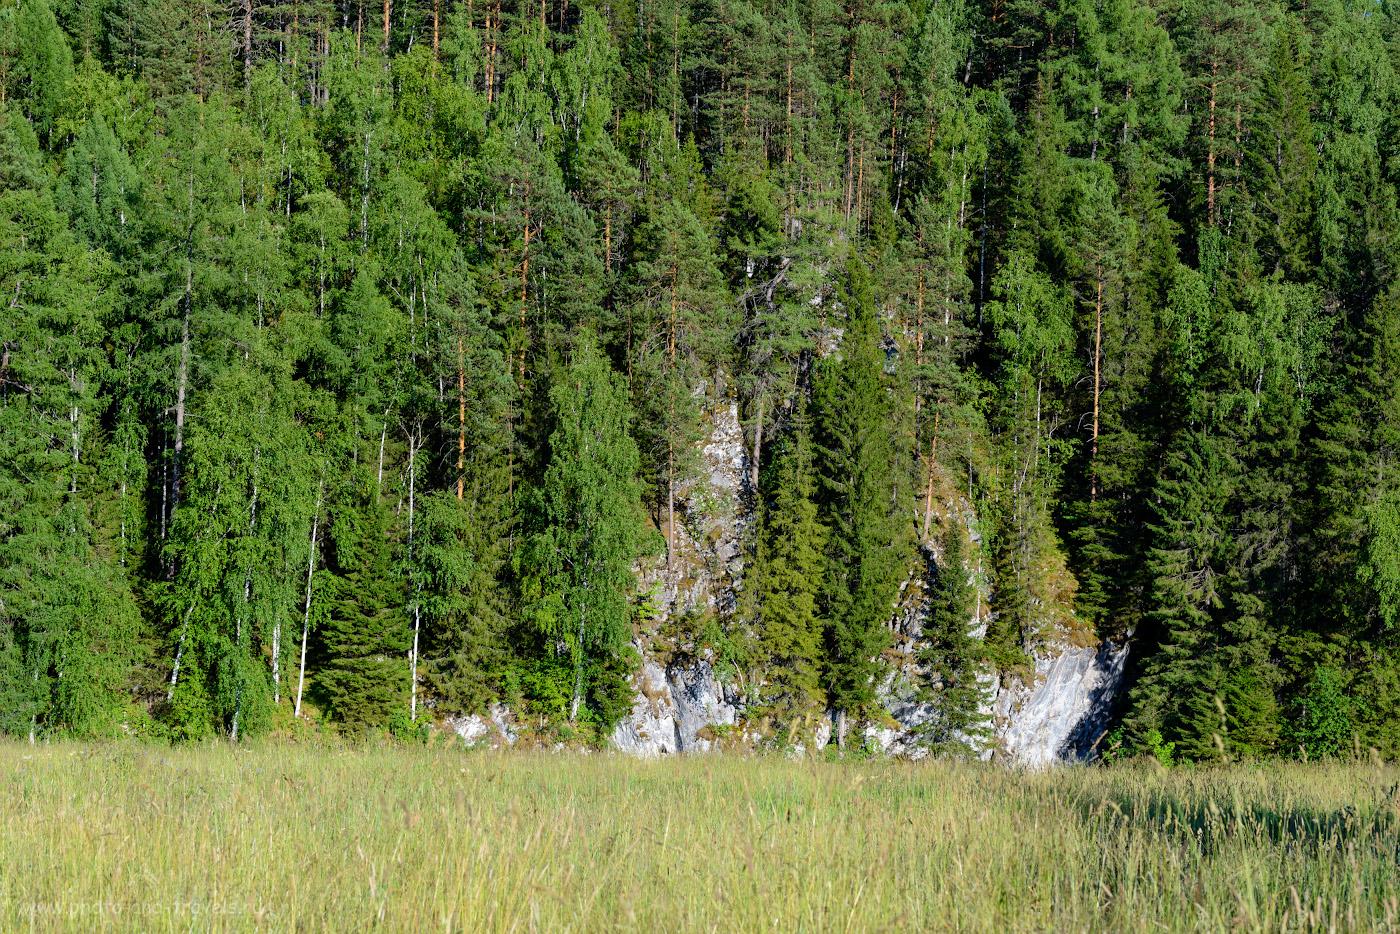 12. «Малая» скала около брода через реку Серга по пути к Аракаевской пещере. 1/200, 10.0, -0.67, 86.